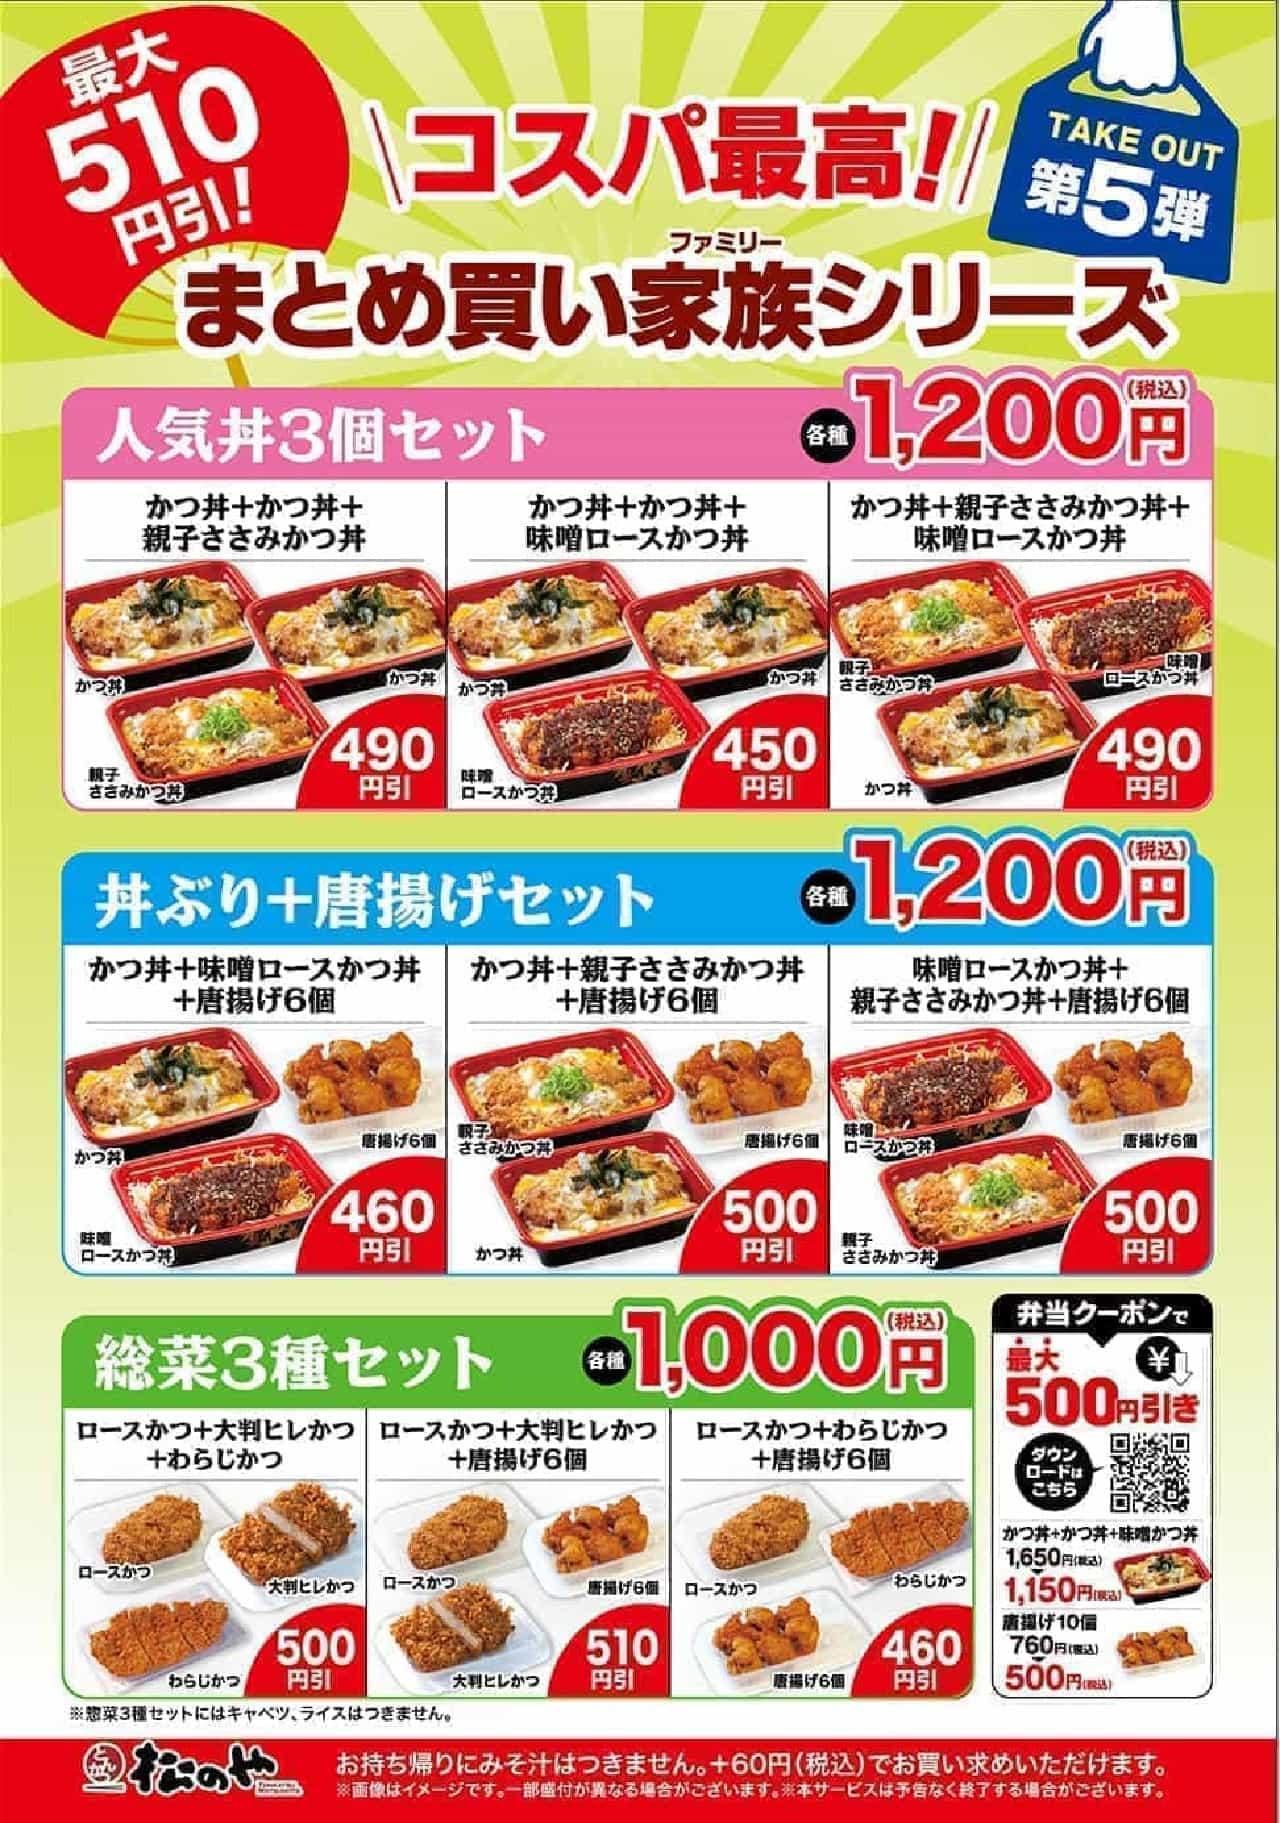 松のや「人気丼3個セット」「丼ぶり+唐揚げセット」「惣菜3種セット」